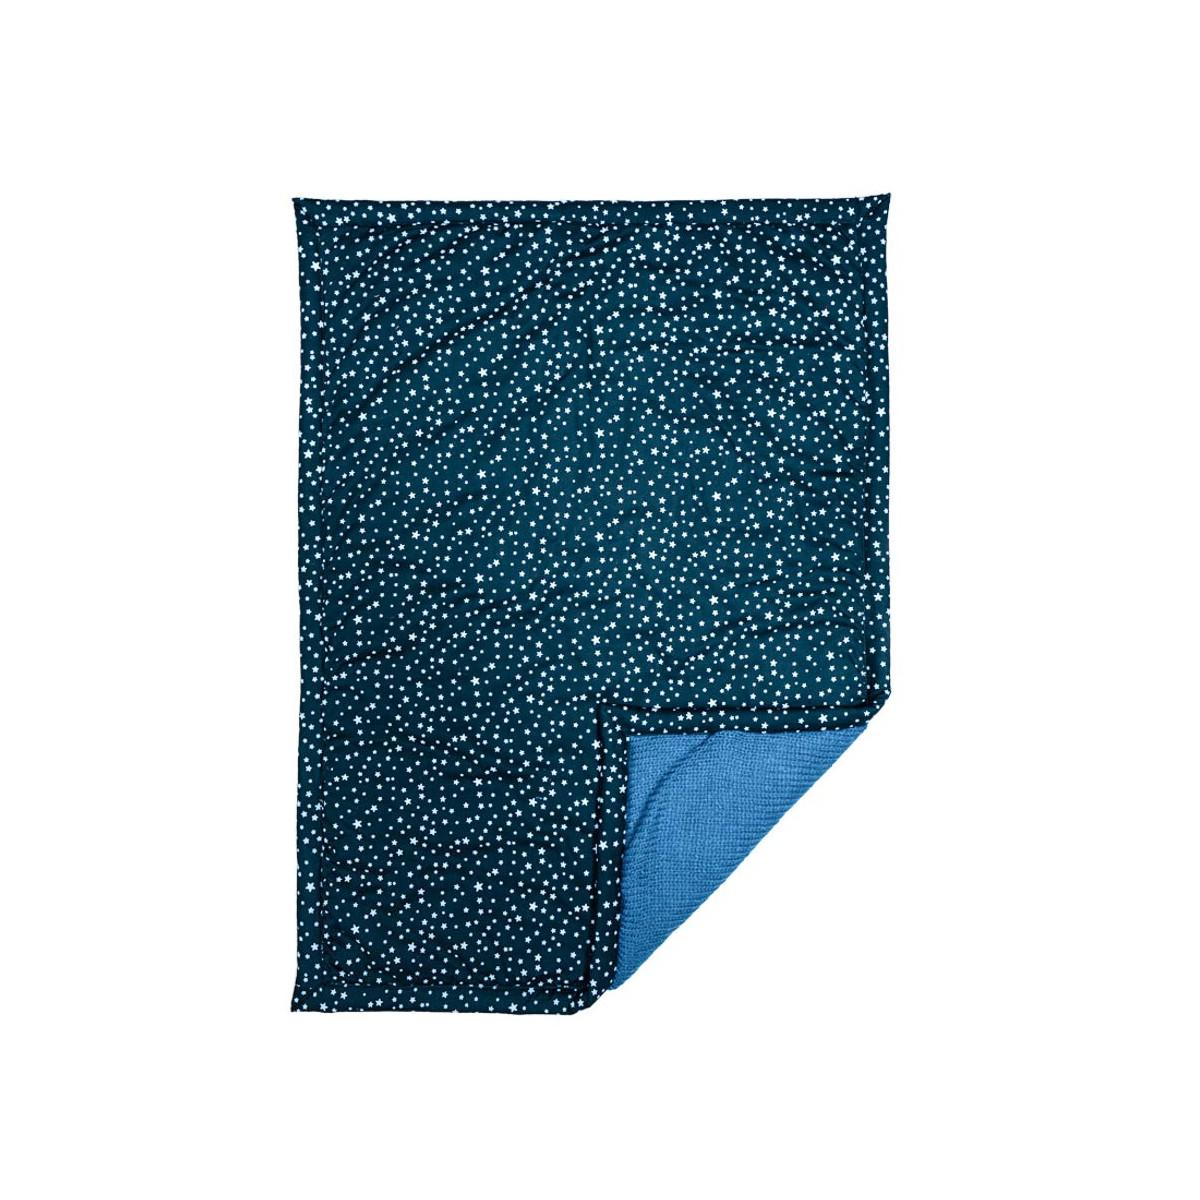 Couverture plaid bébé laine et coton étoiles bleues